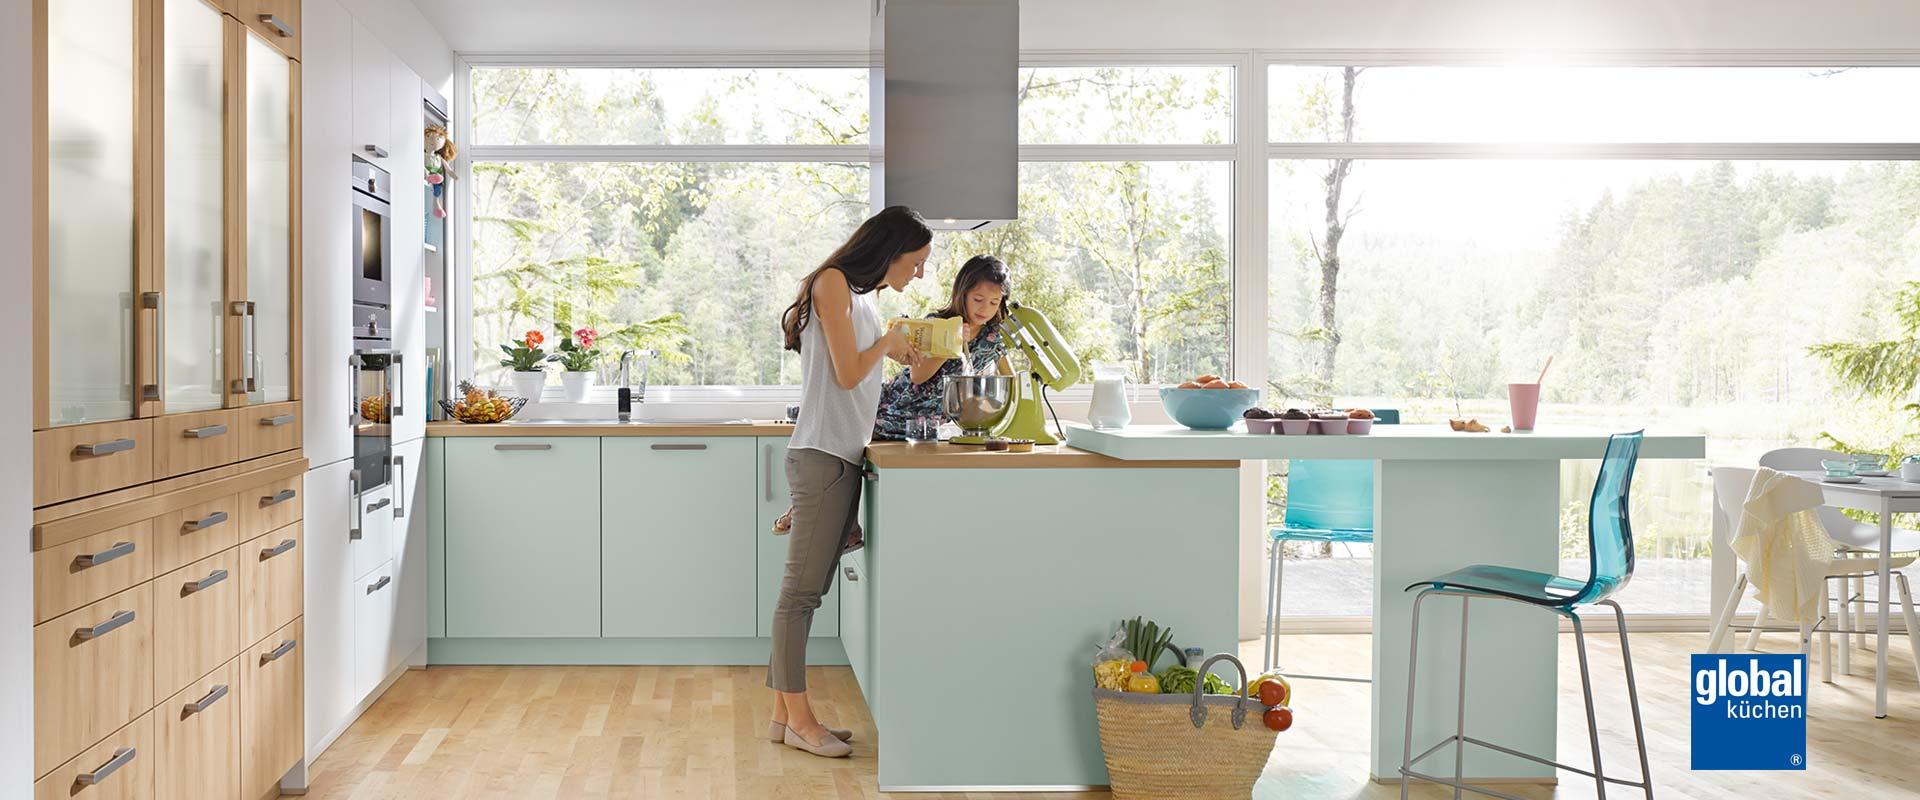 domeyer m bel und k chen m bel domeyer kontakt. Black Bedroom Furniture Sets. Home Design Ideas